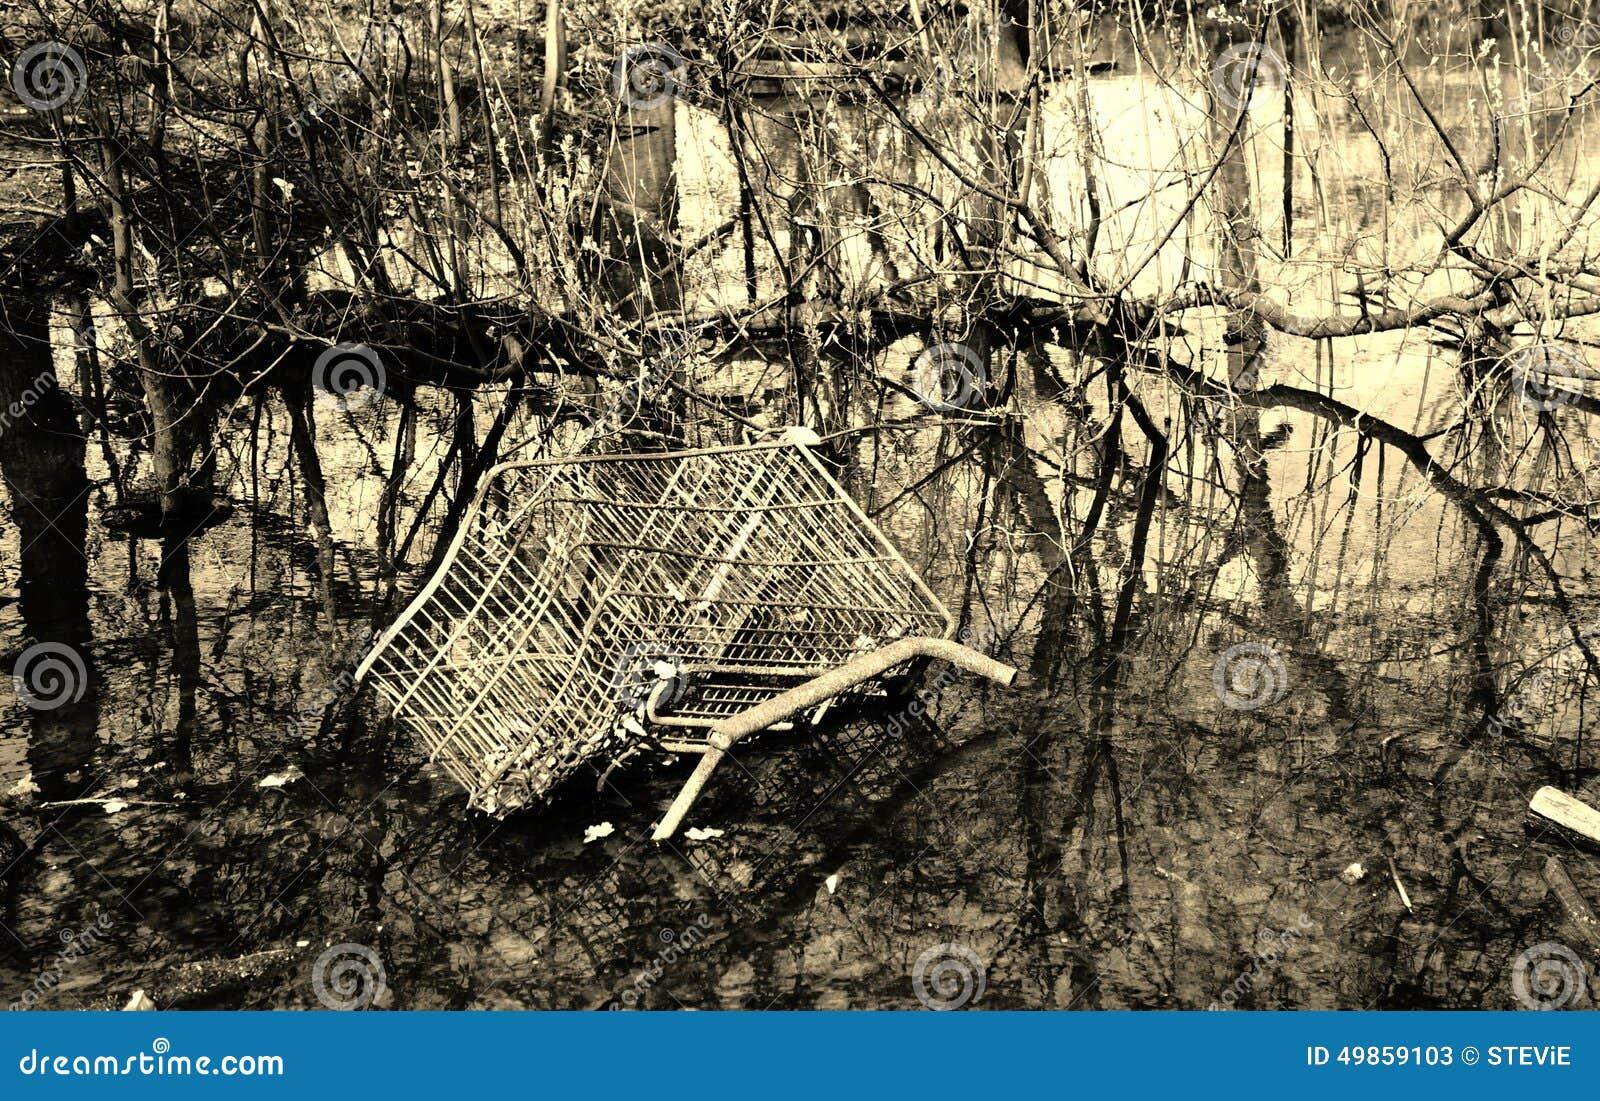 Basura de la carretilla de las compras